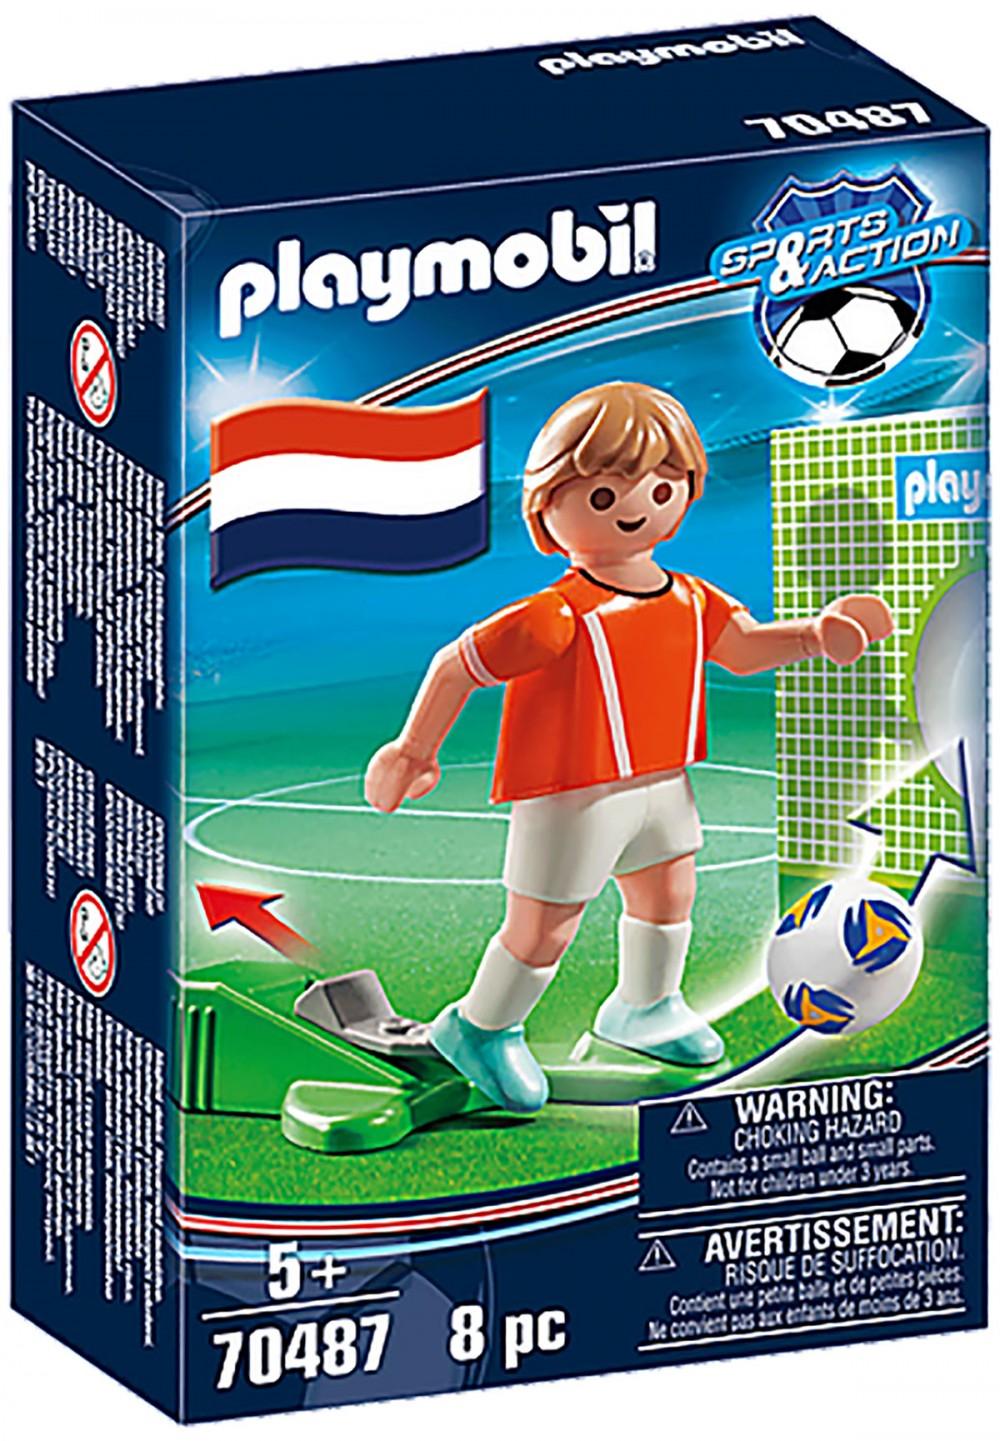 PLAYMOBIL Sports & Action 70487 Joueur Néerlandais Nouveauté 2021